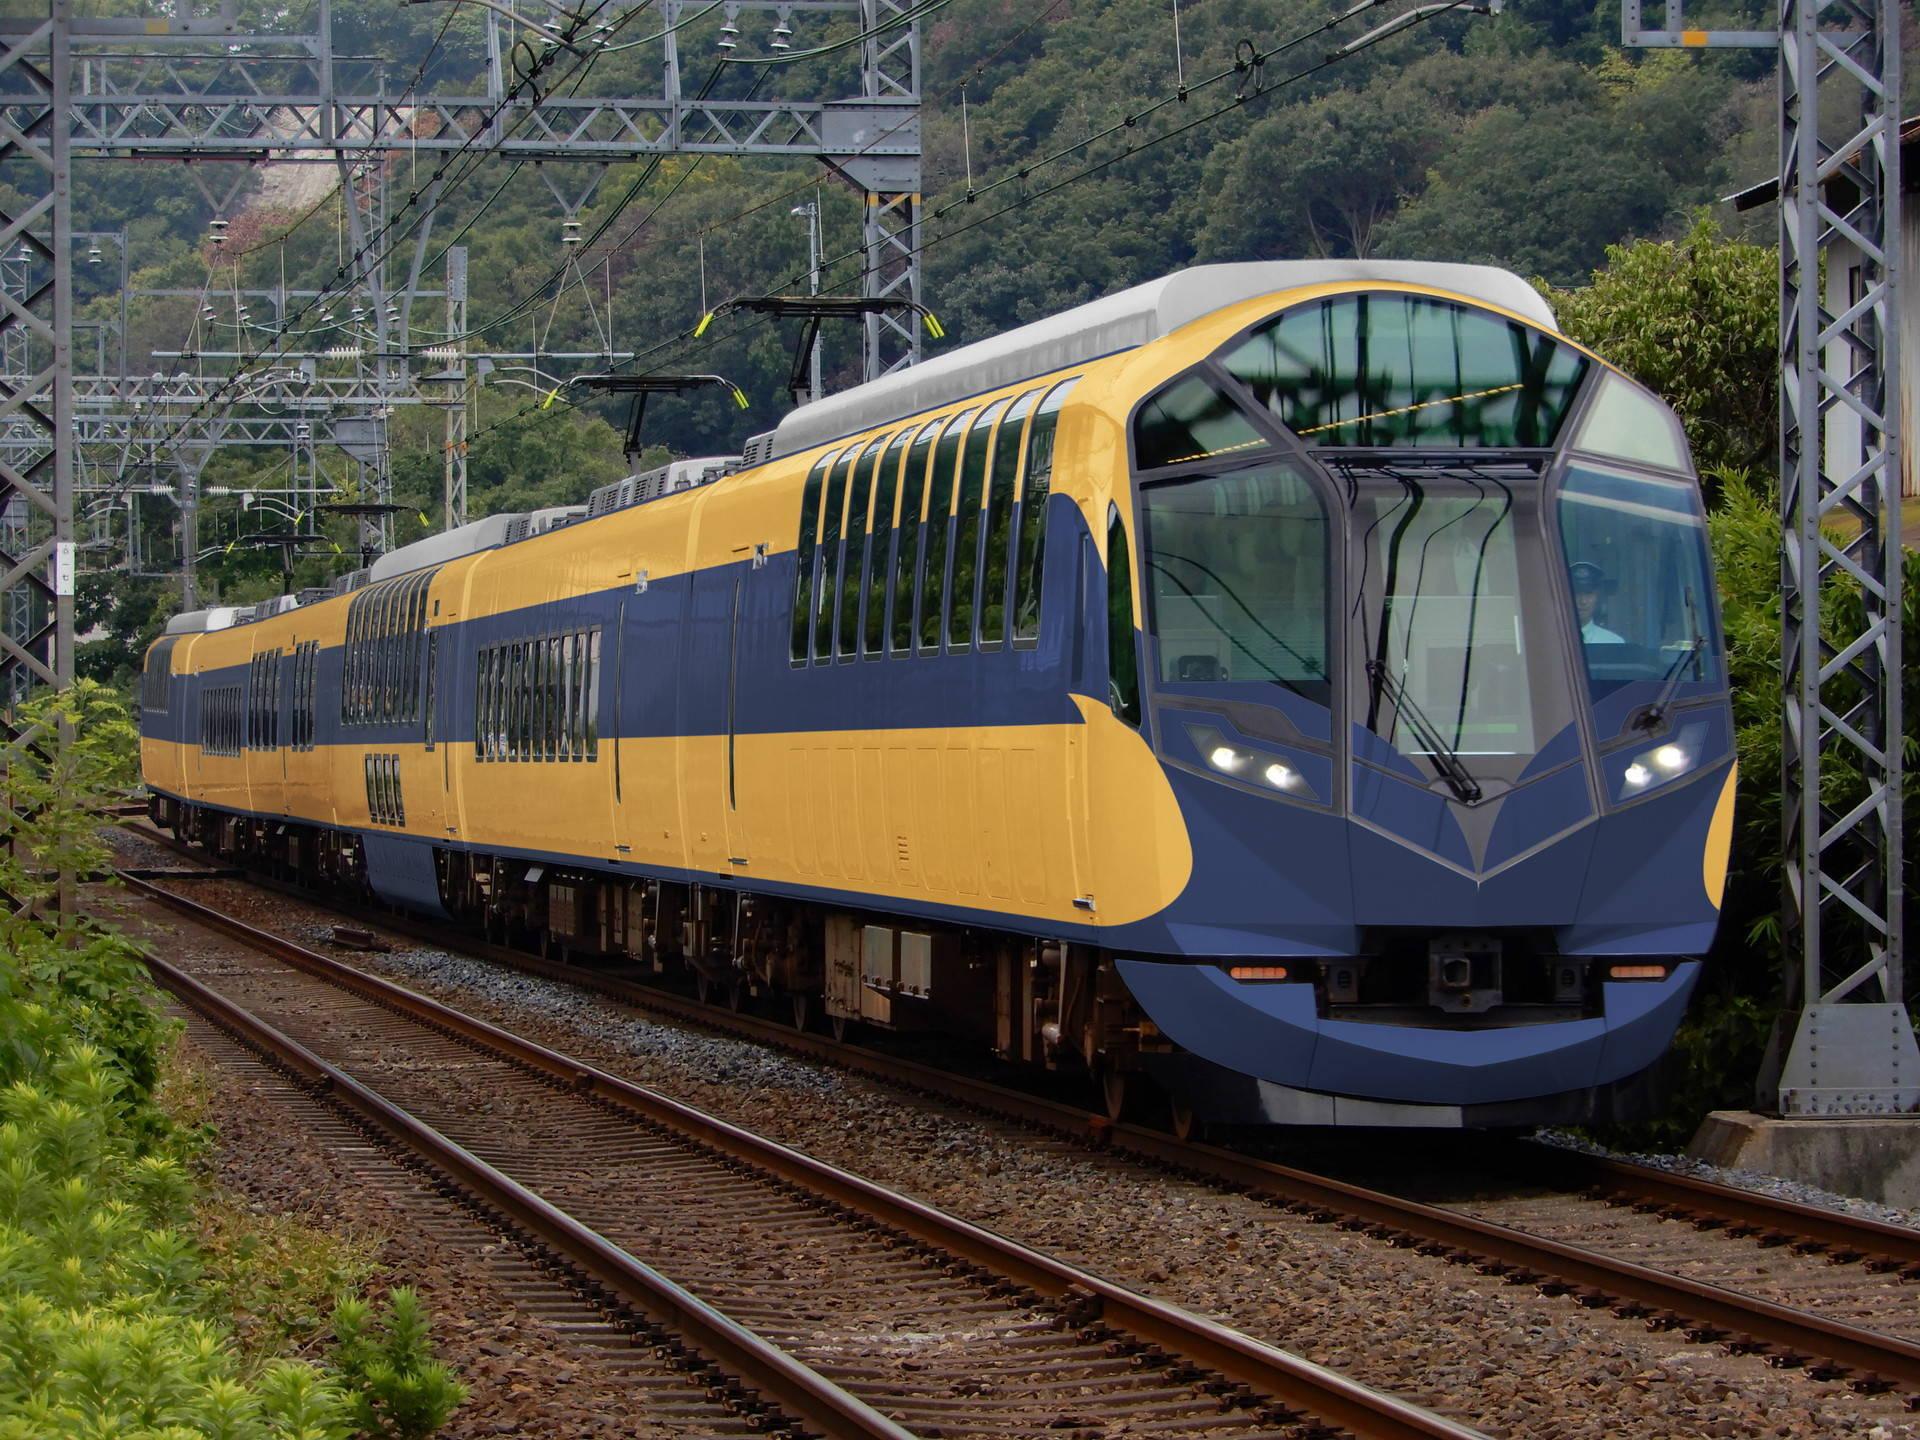 近鉄10100系(2代目ビスタカー)色の近鉄50000系(ウソ電)